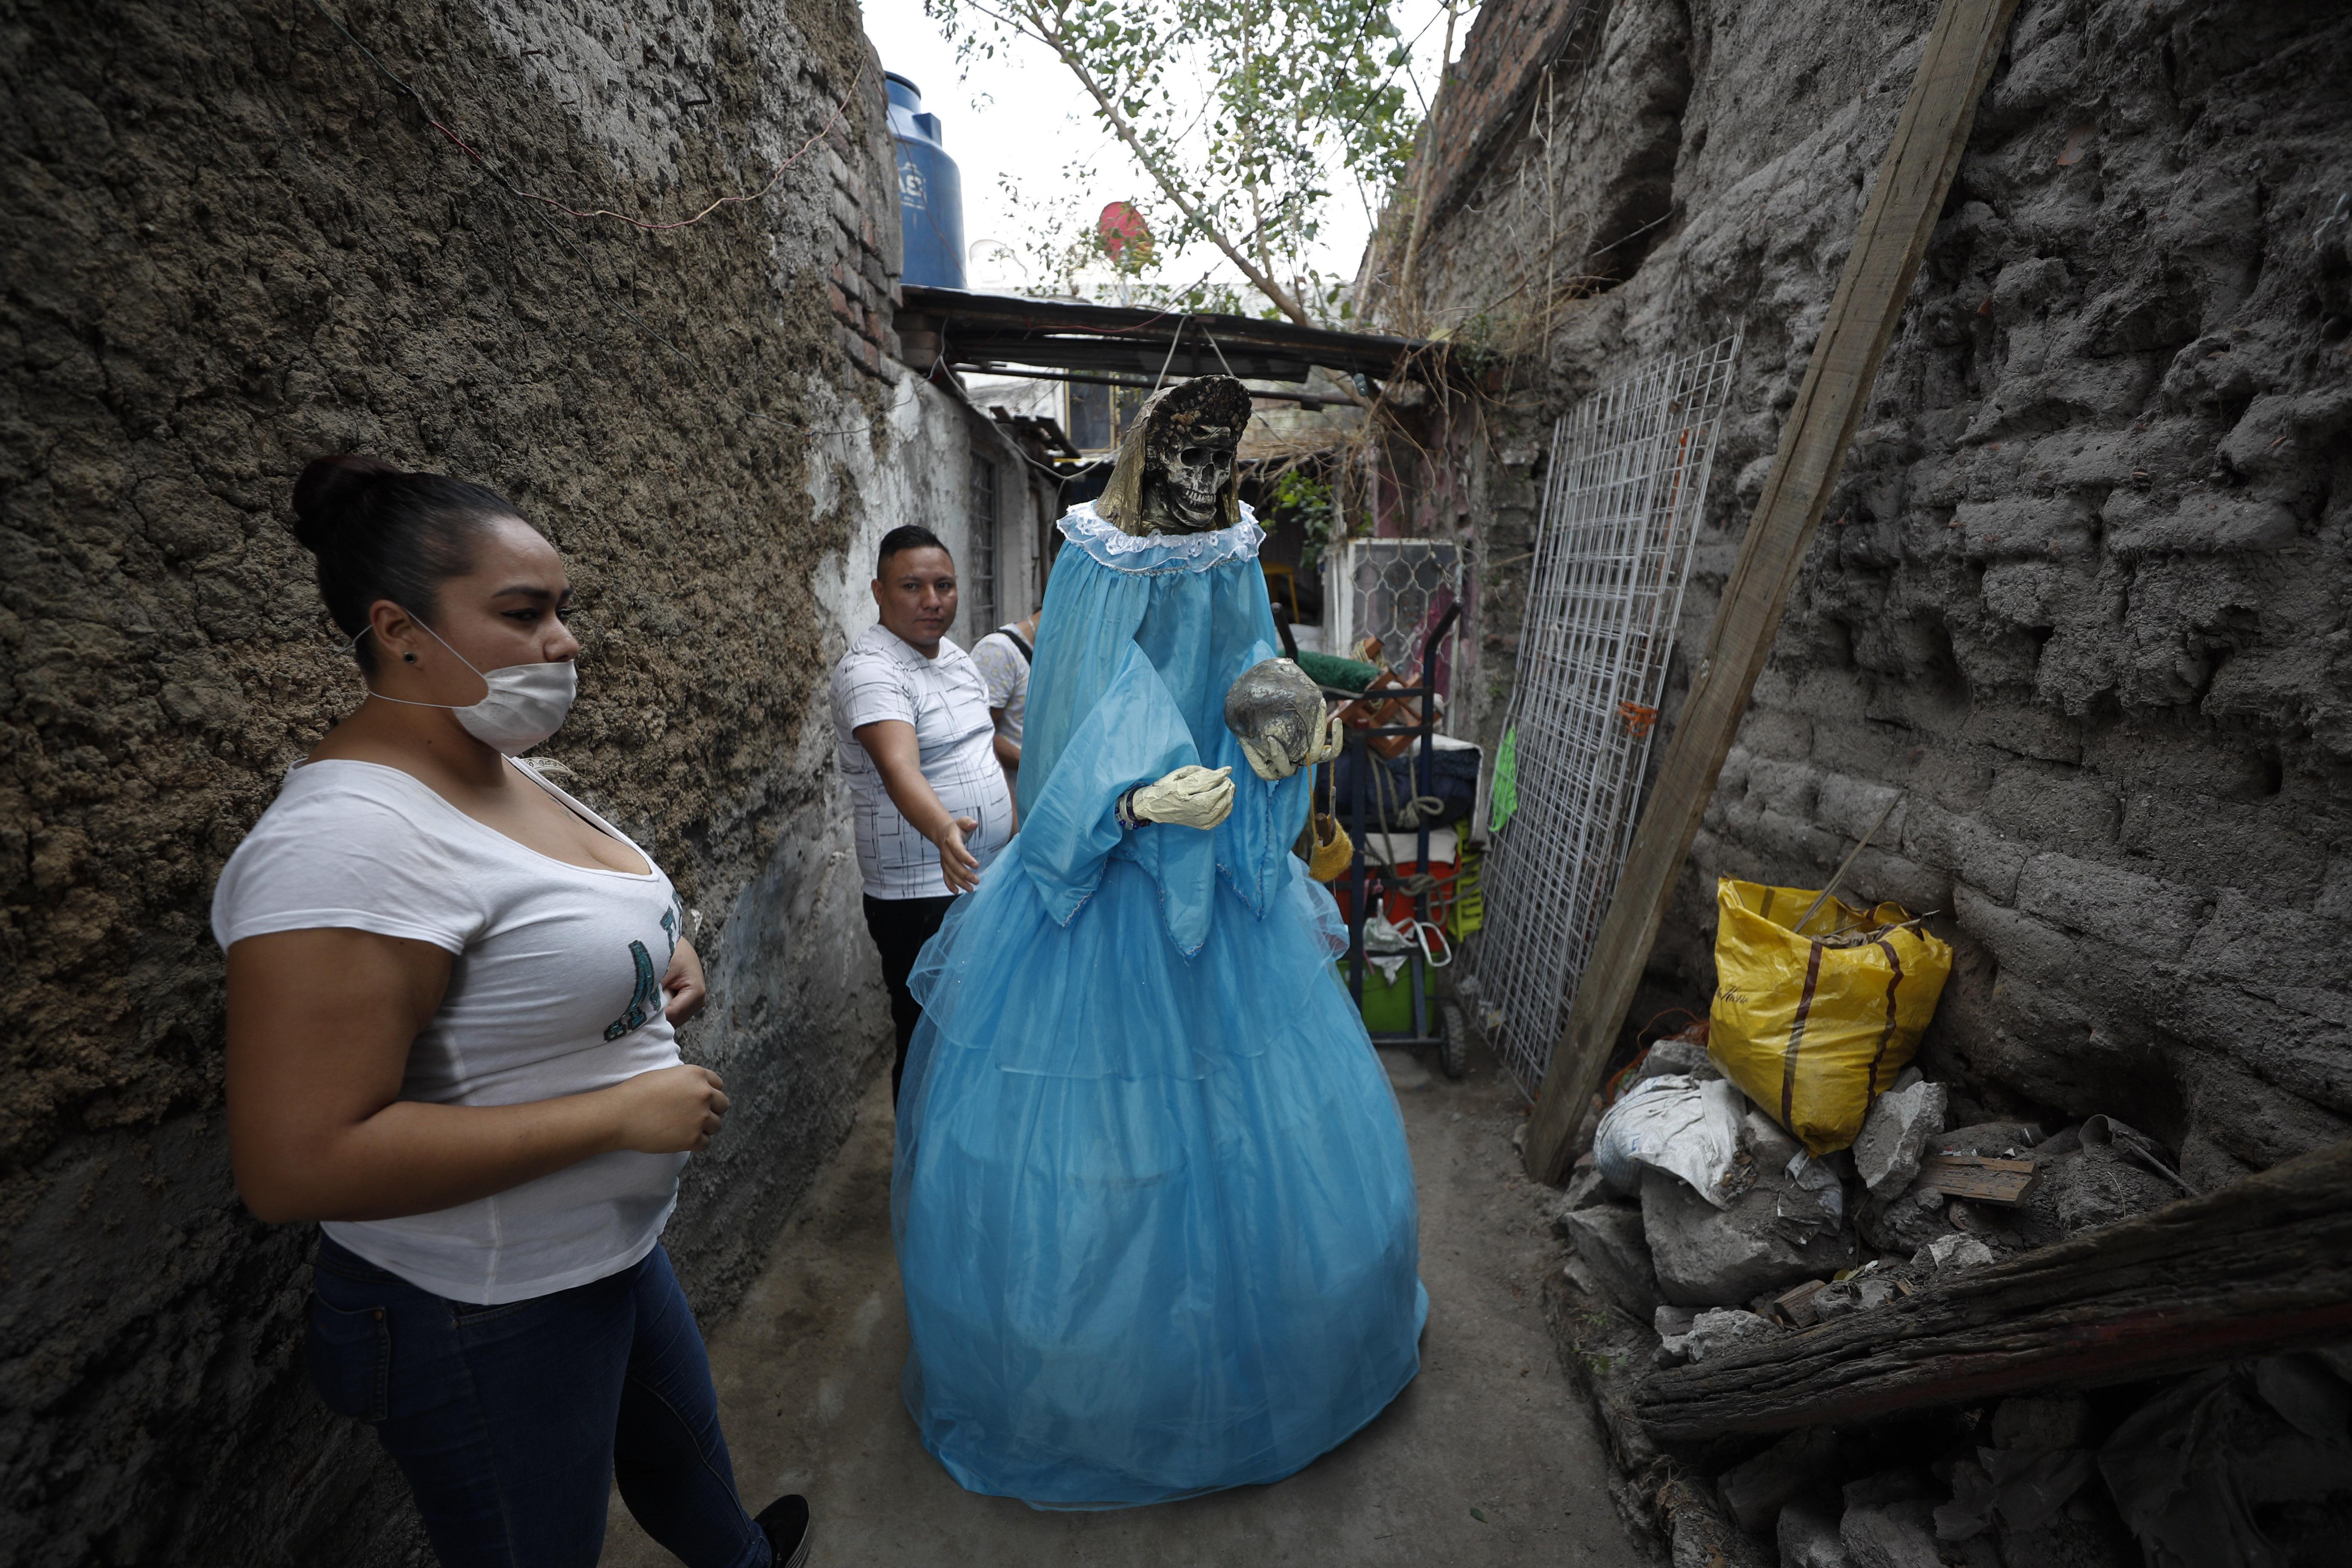 Los vecinos ayudan a devolver una figura gigante de la Santa Muerte a una casa después de que se exhibiera en la calle para celebrar el día del festival mensual del santo. (Foto: AP / Rebecca Blackwell)